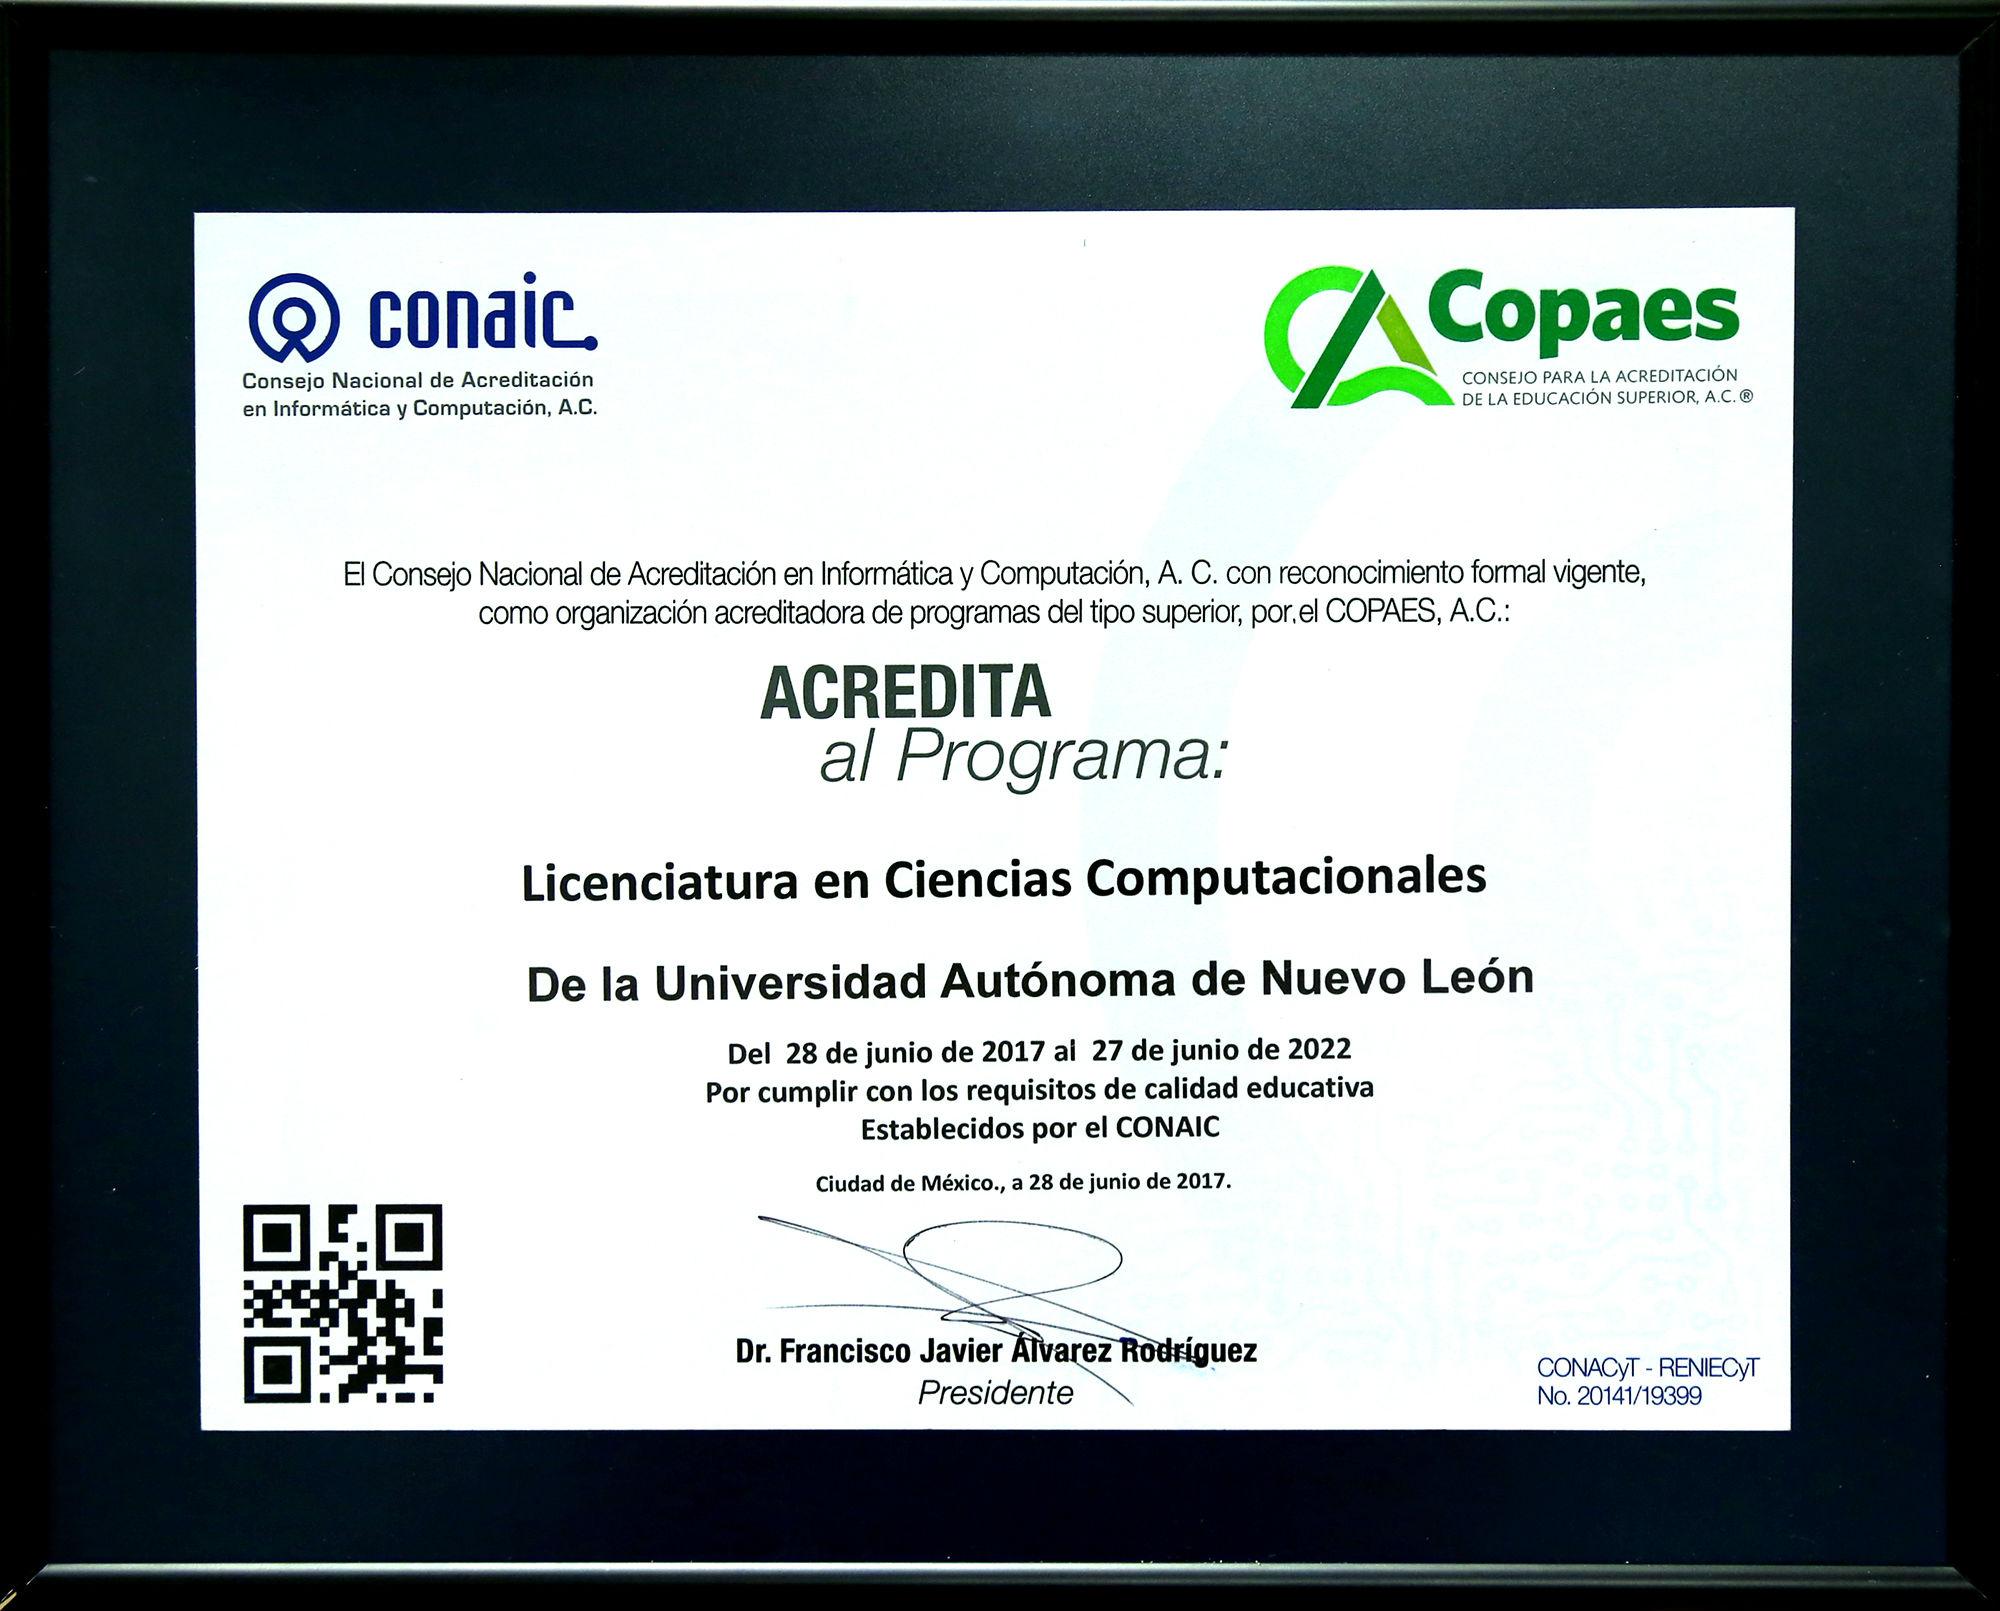 El certificado de acreditación de la licenciatura en ciencias computacionales